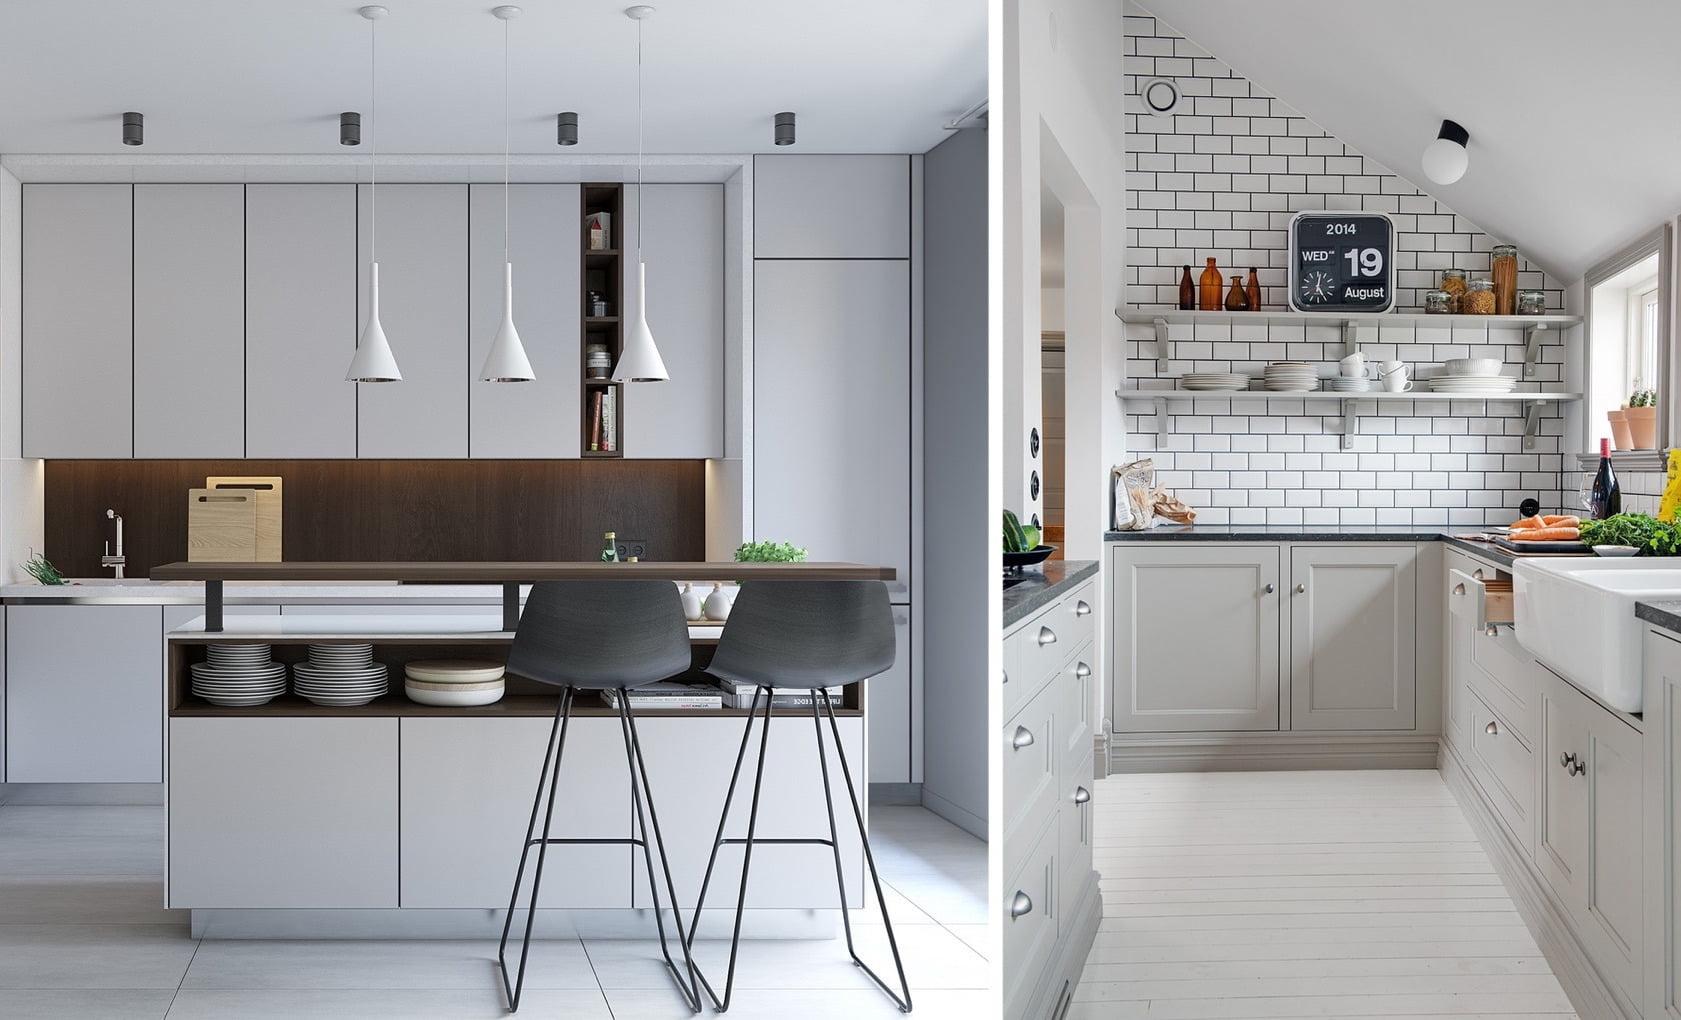 Серый цвет актуальный дизайнерский тренд для кухни 2020 года